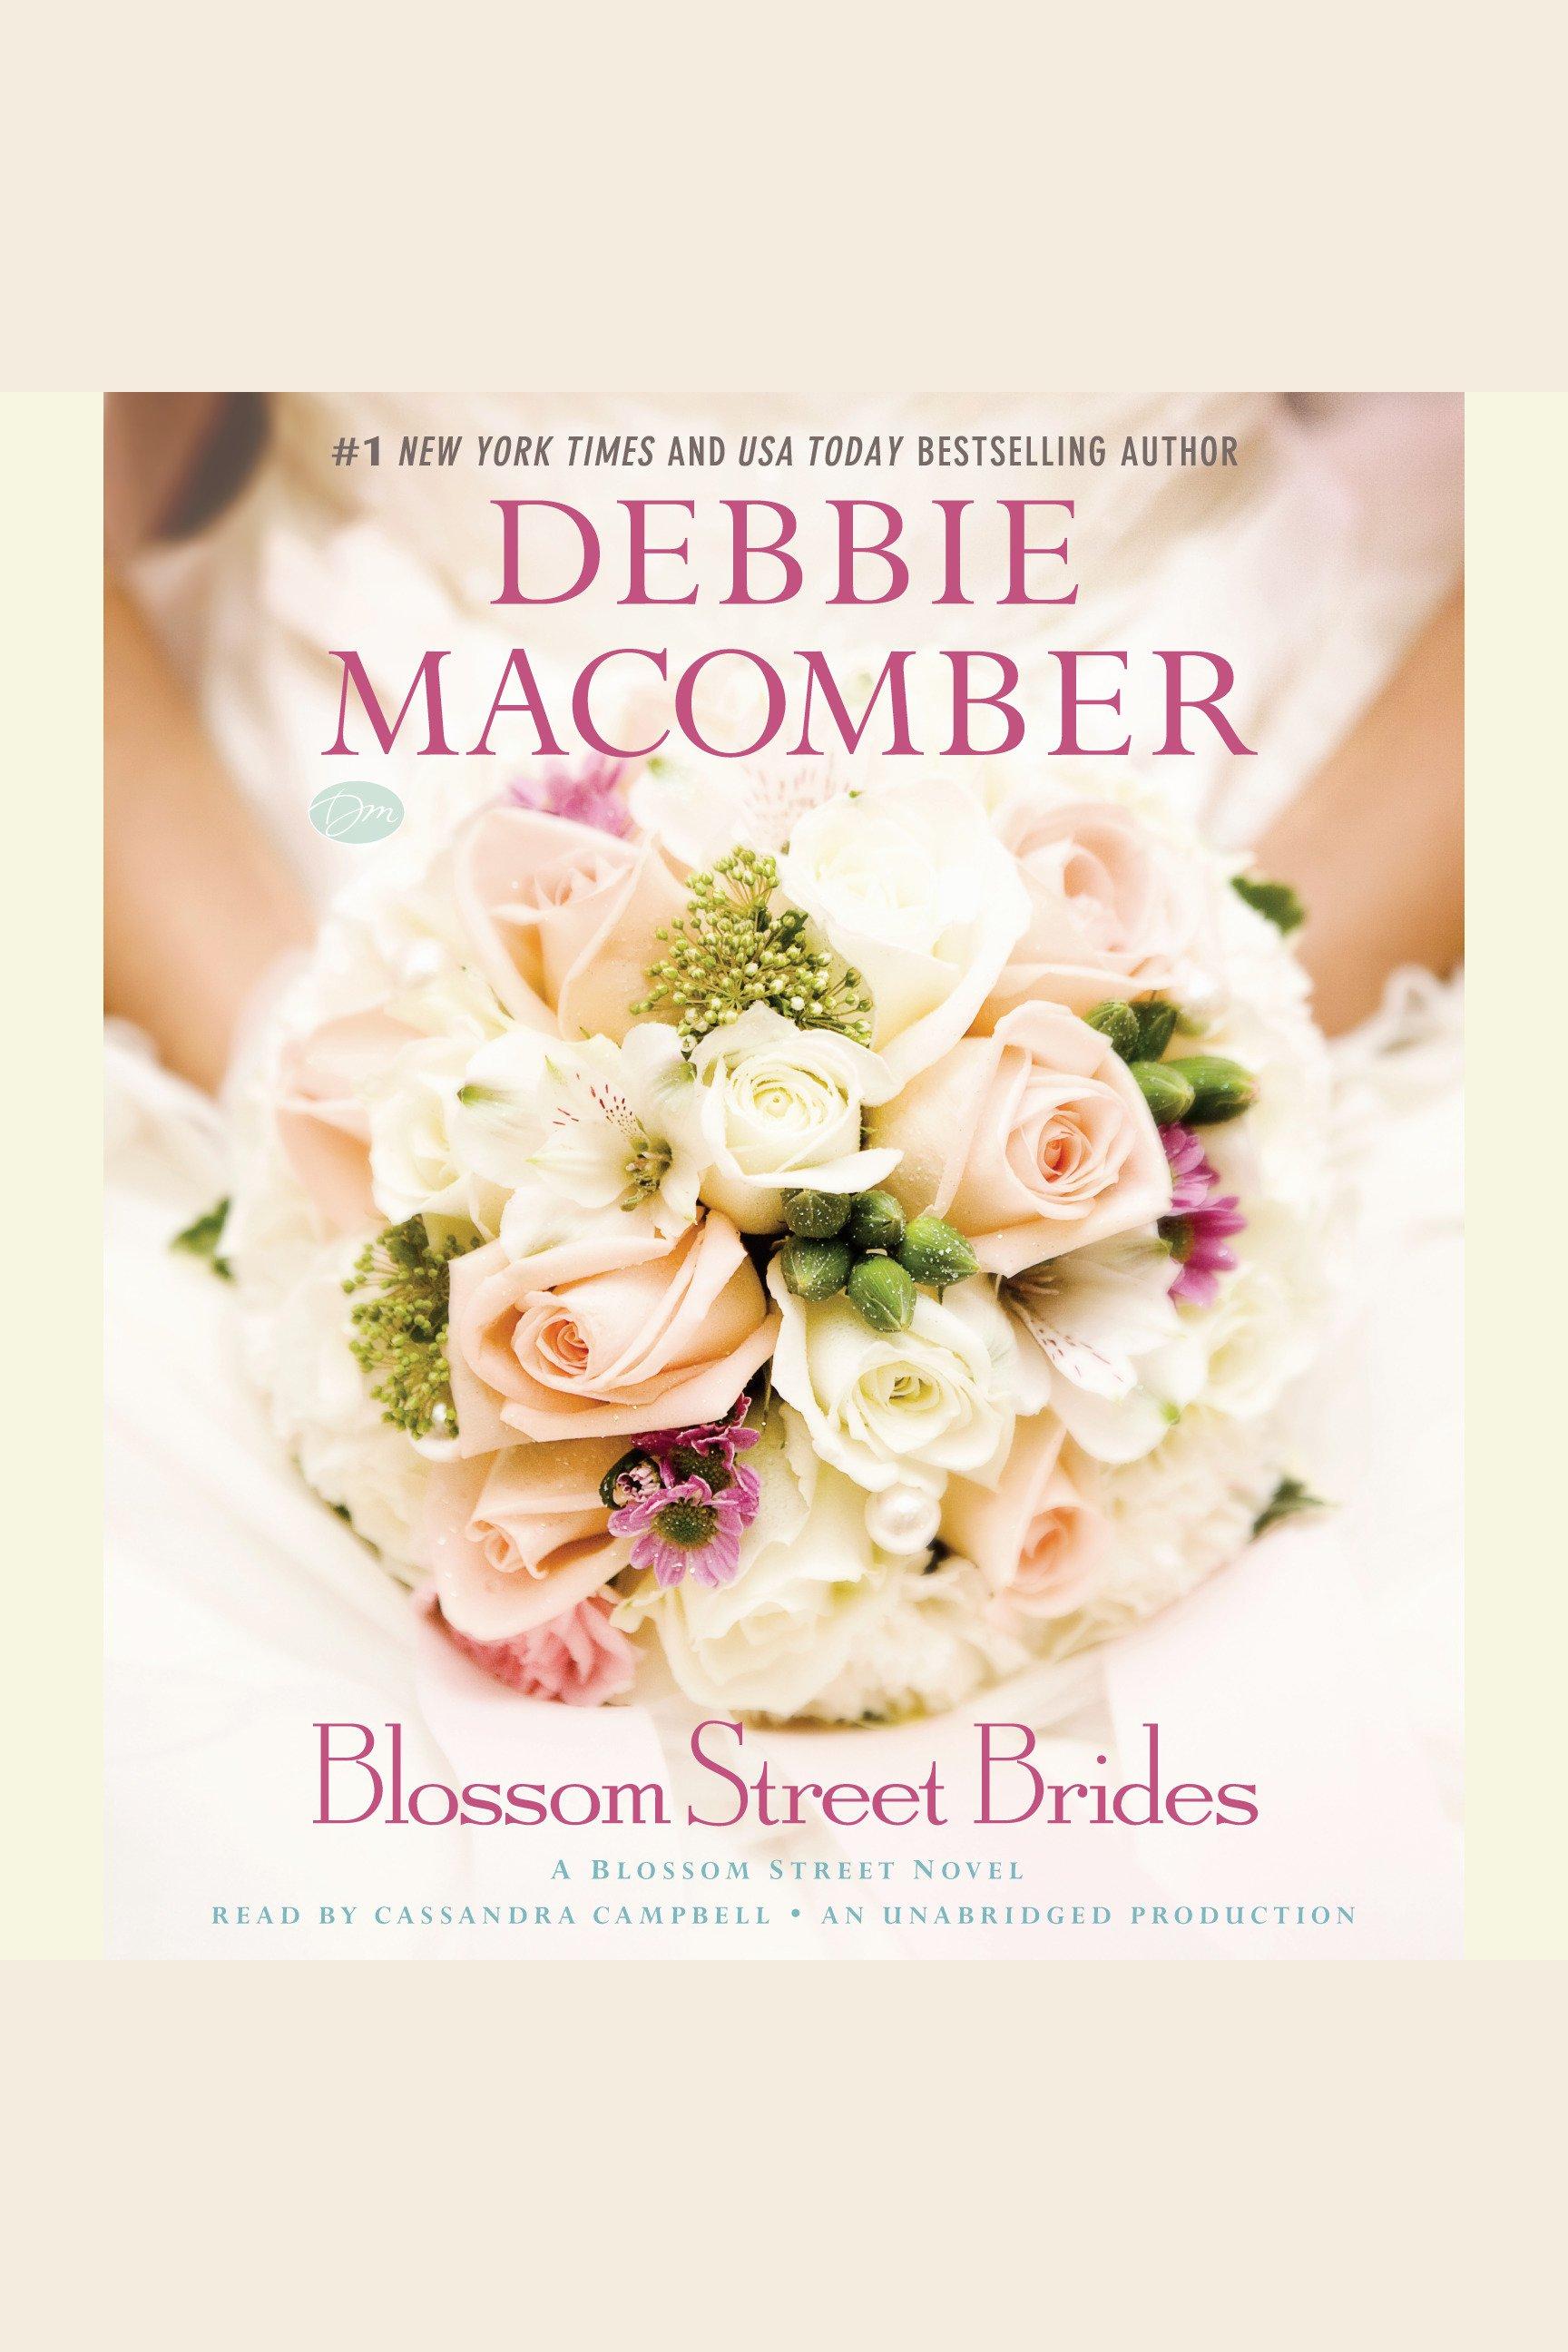 Blossom Street bridesl cover image